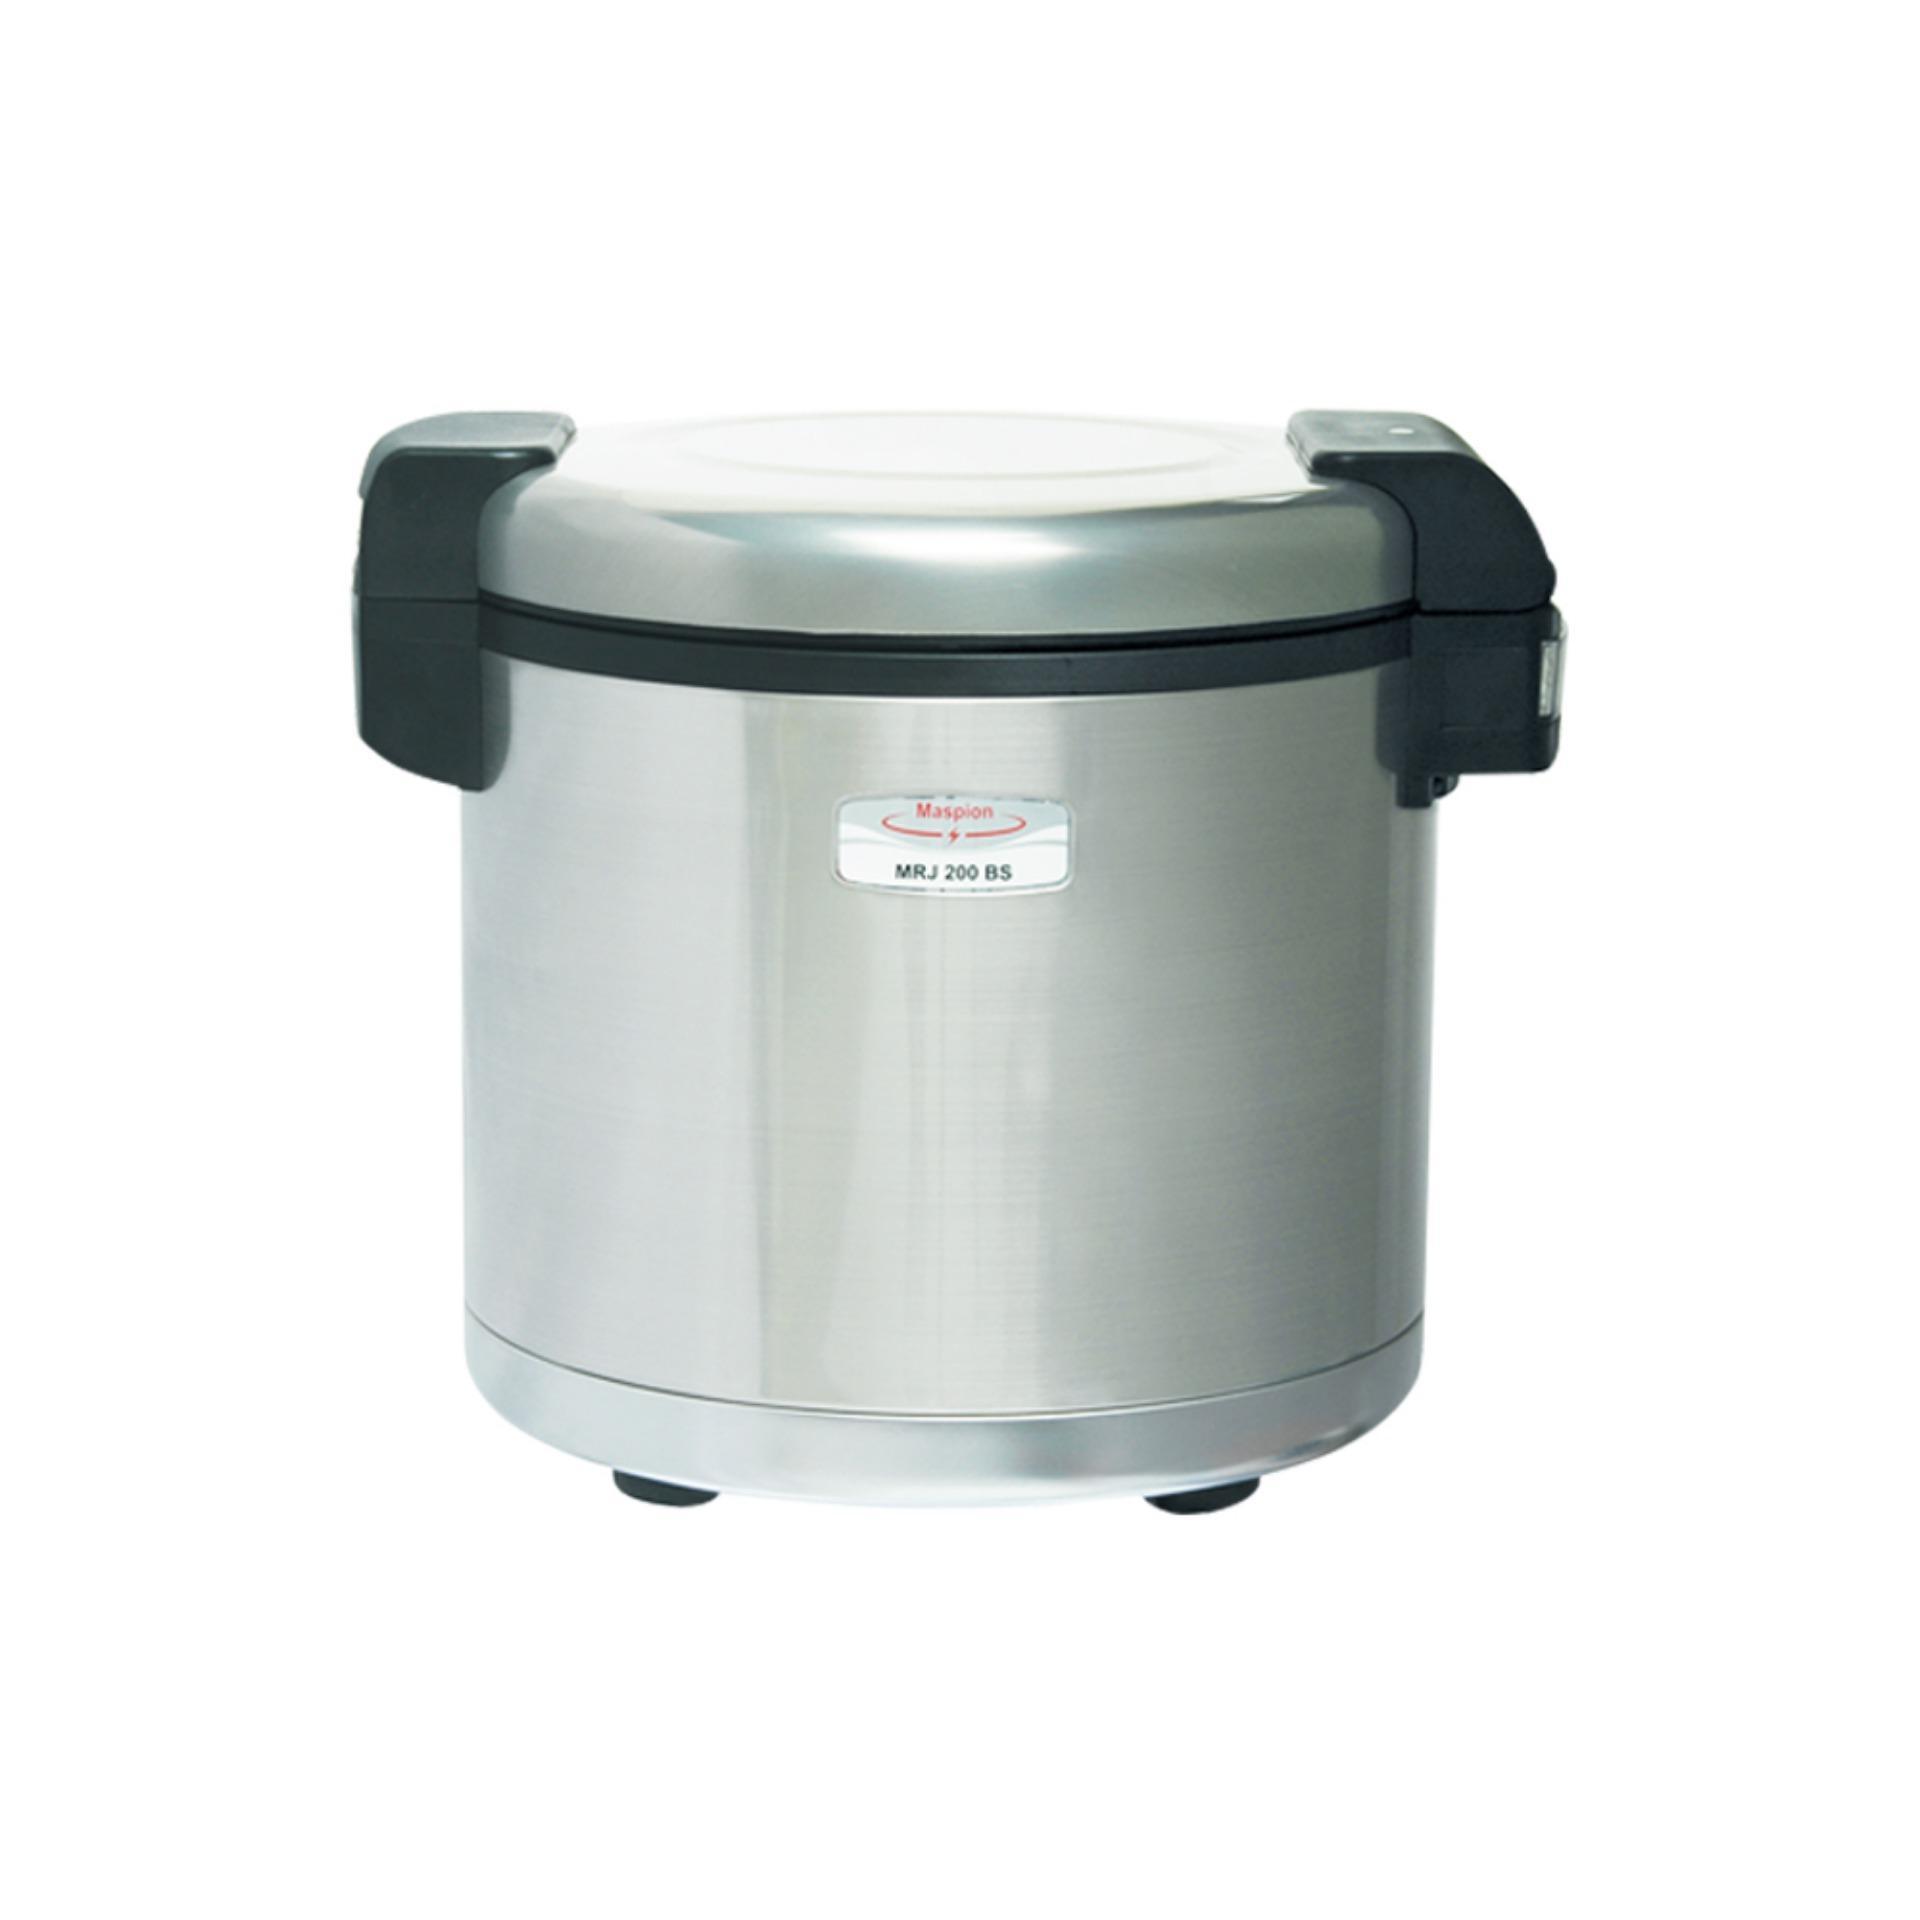 Miyako Magic Com 06 Liter Warm And Cook Mcm609 Beli Harga Murah Mcm 609 Home Page 2